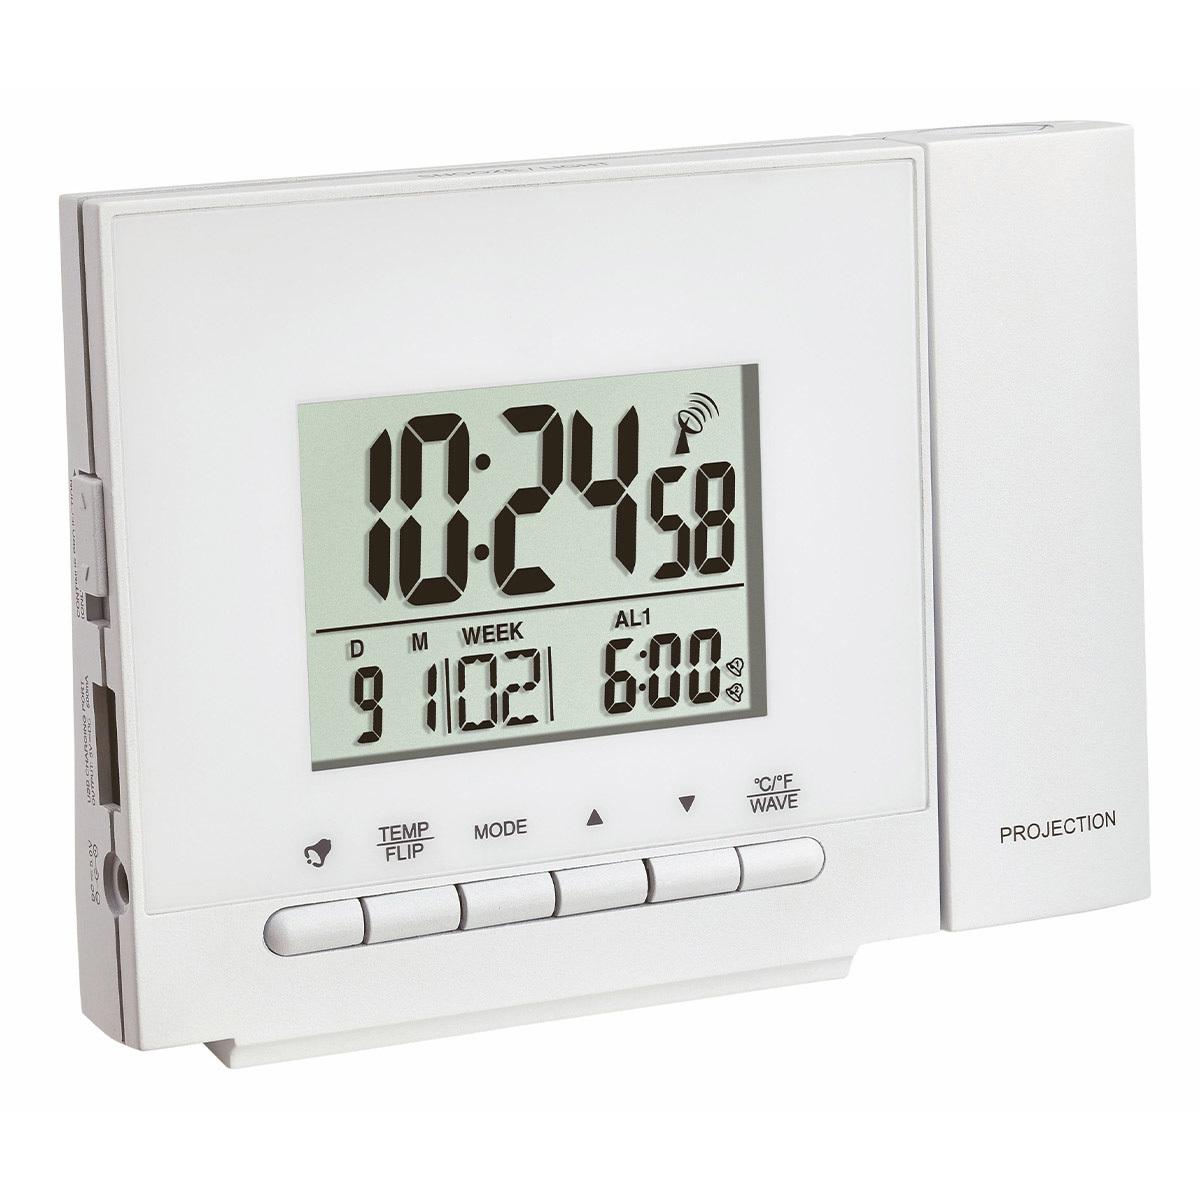 60-5013-02-funk-projektionswecker-mit-temperatur-1200x1200px.jpg